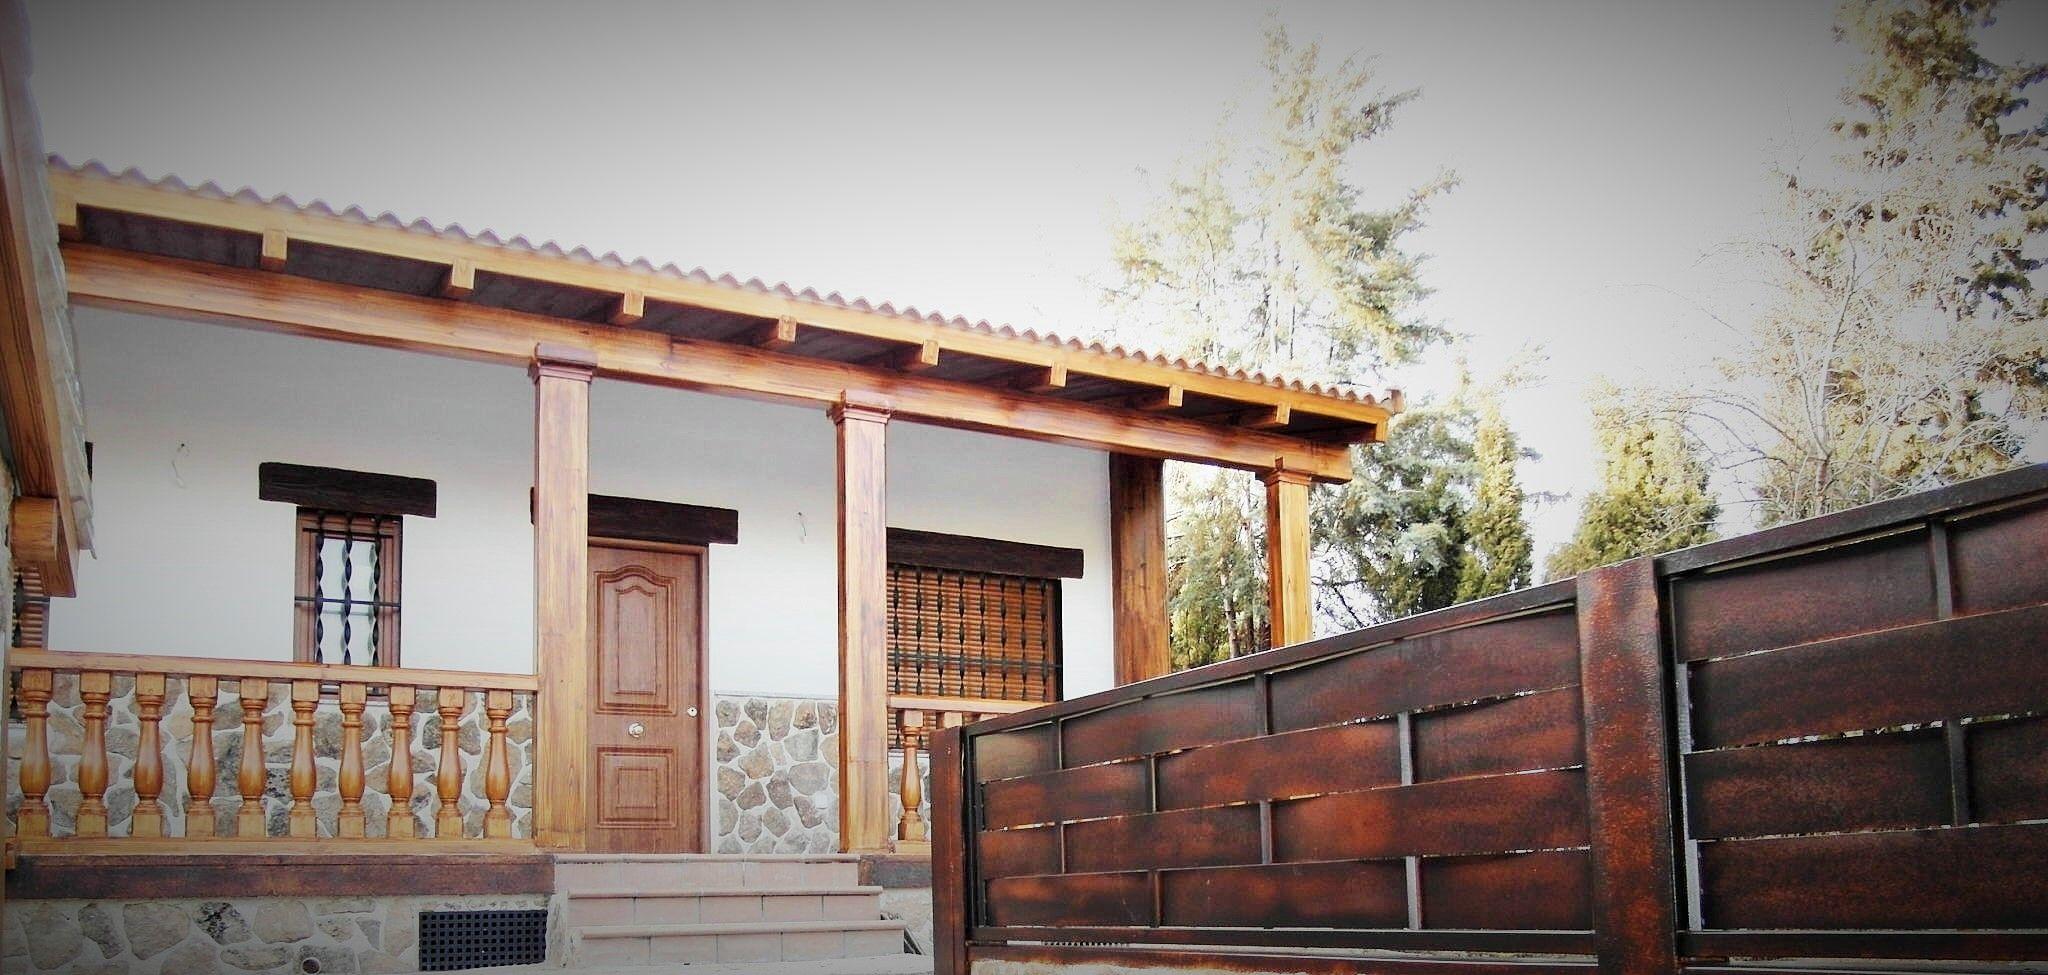 Otro detalle de casa prefabricada rustica con balaustrada - Casas de acero prefabricadas ...